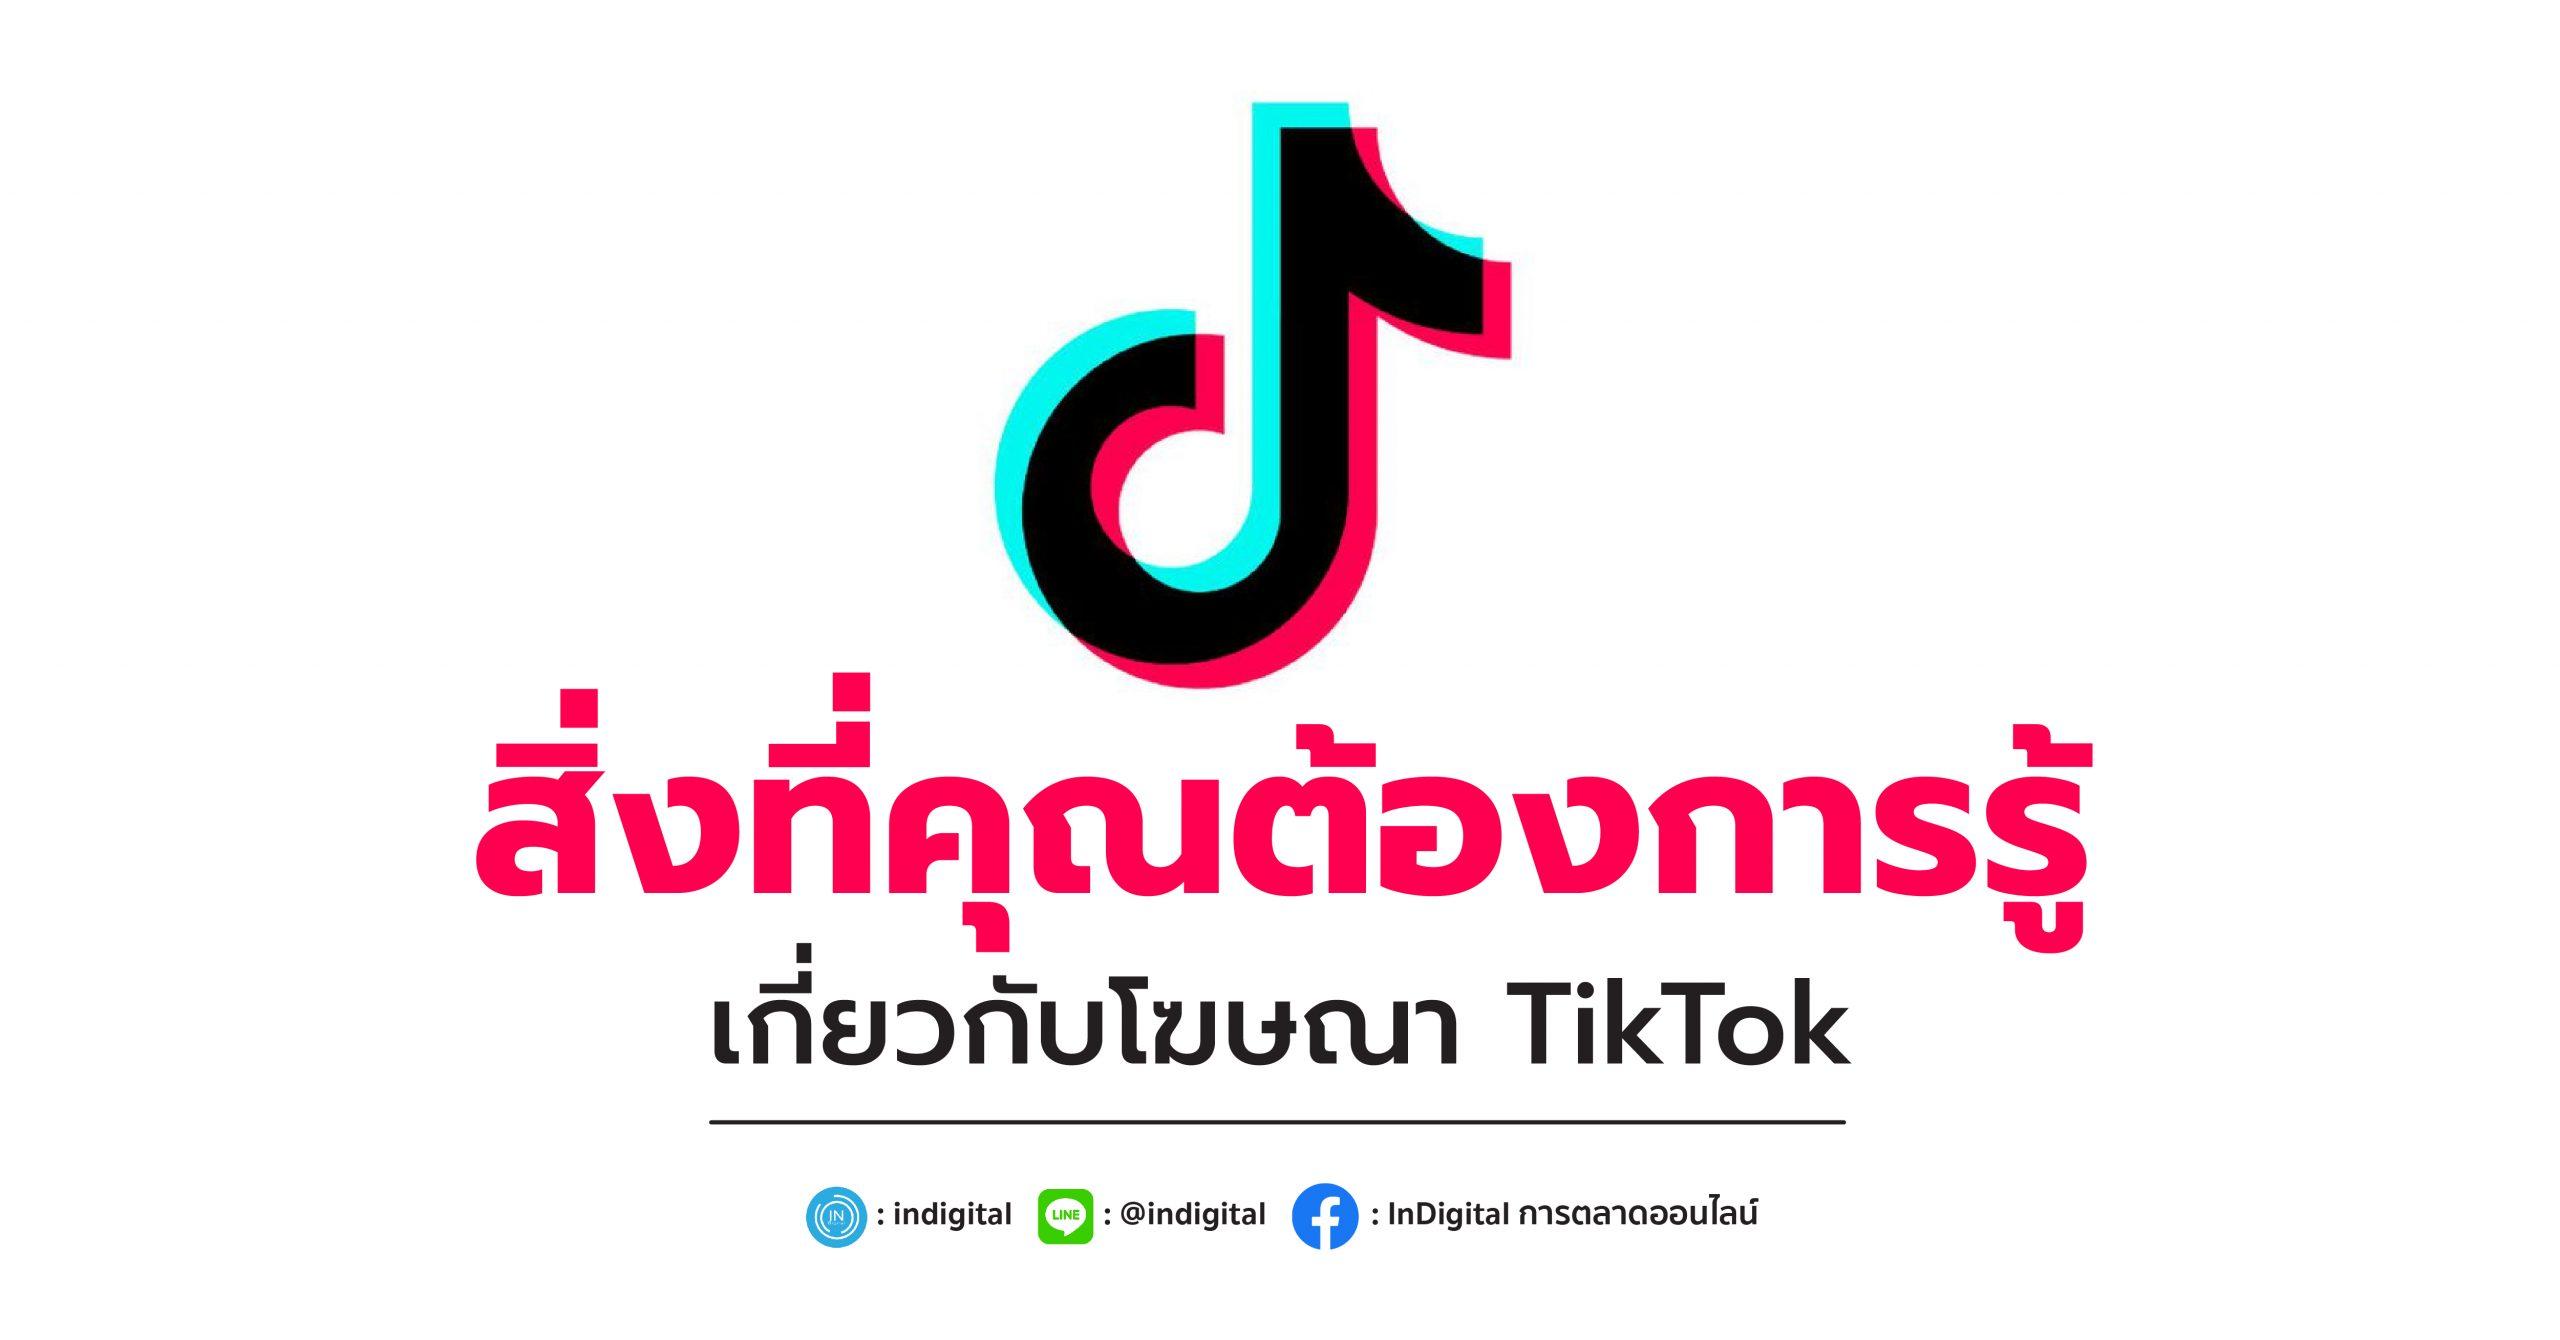 สิ่งที่คุณต้องการรู้เกี่ยวกับโฆษณา TikTok